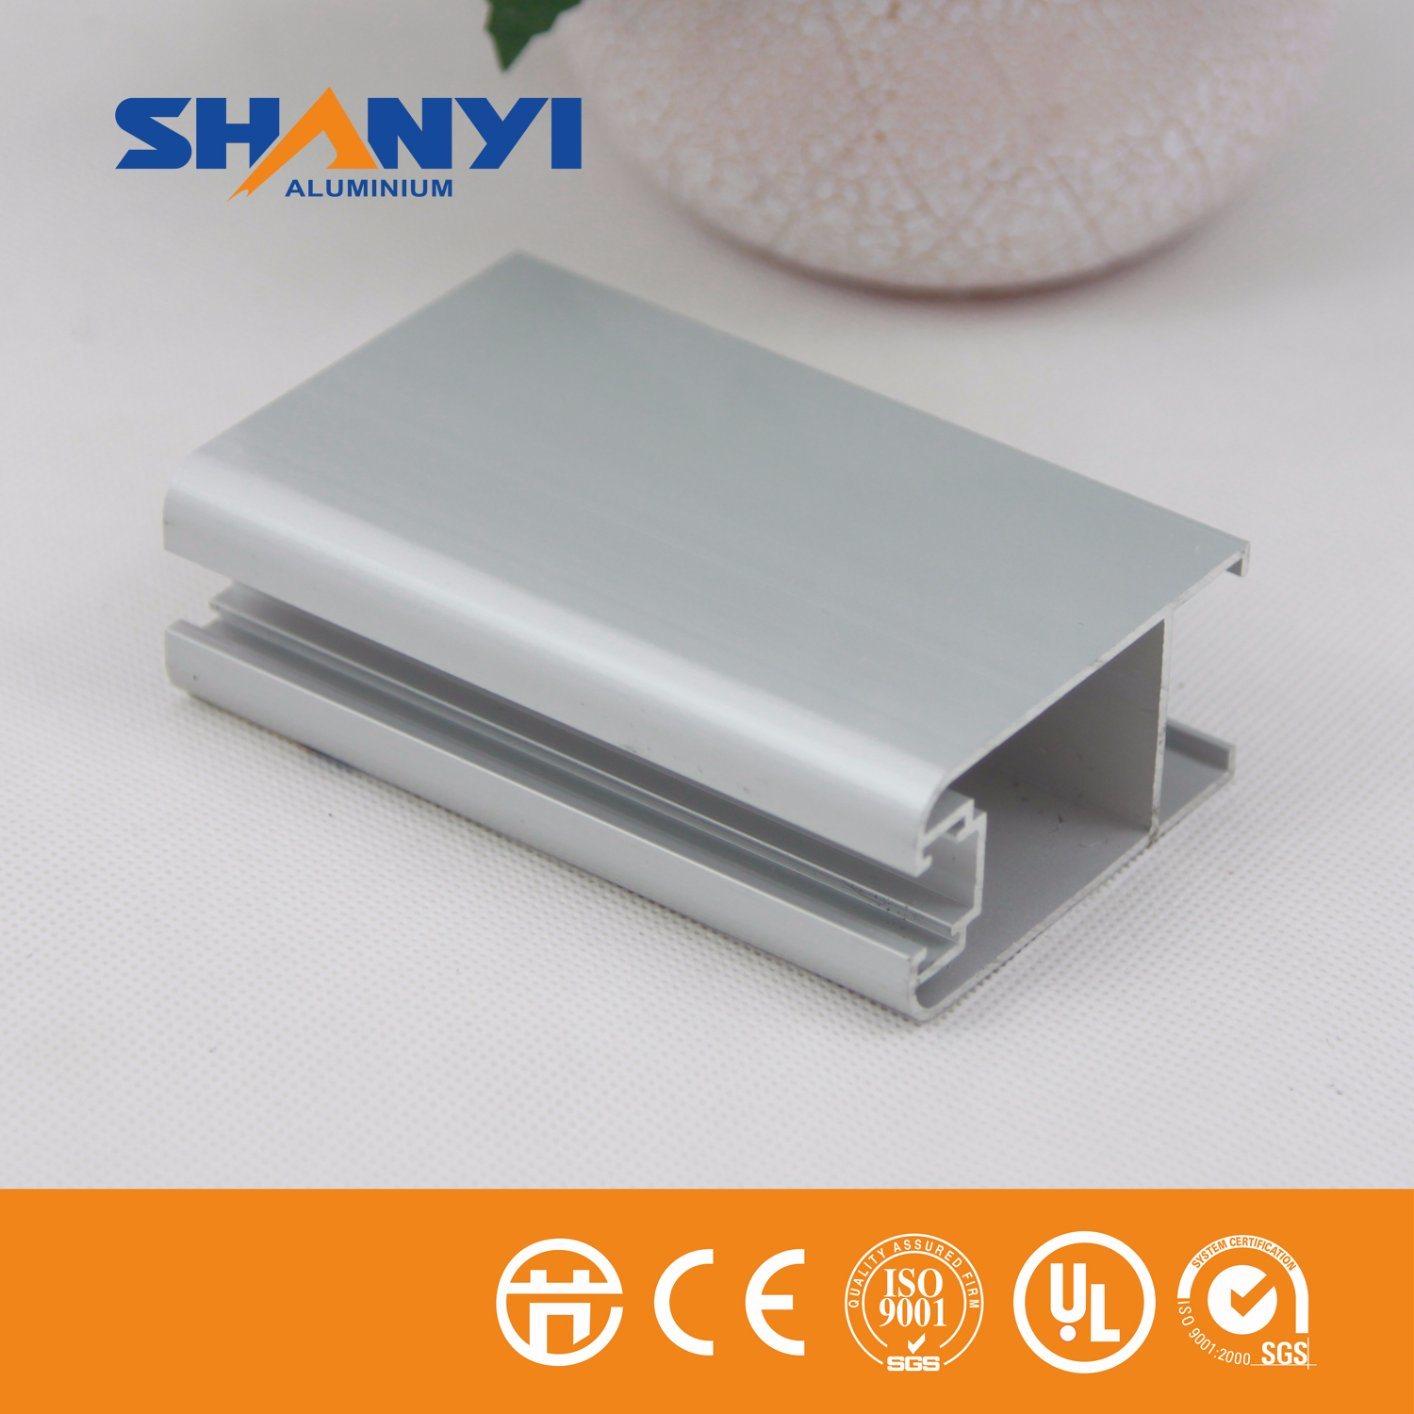 6063 Series Extruded Aluminum Extrusion / Aluminium for Windows and Doors